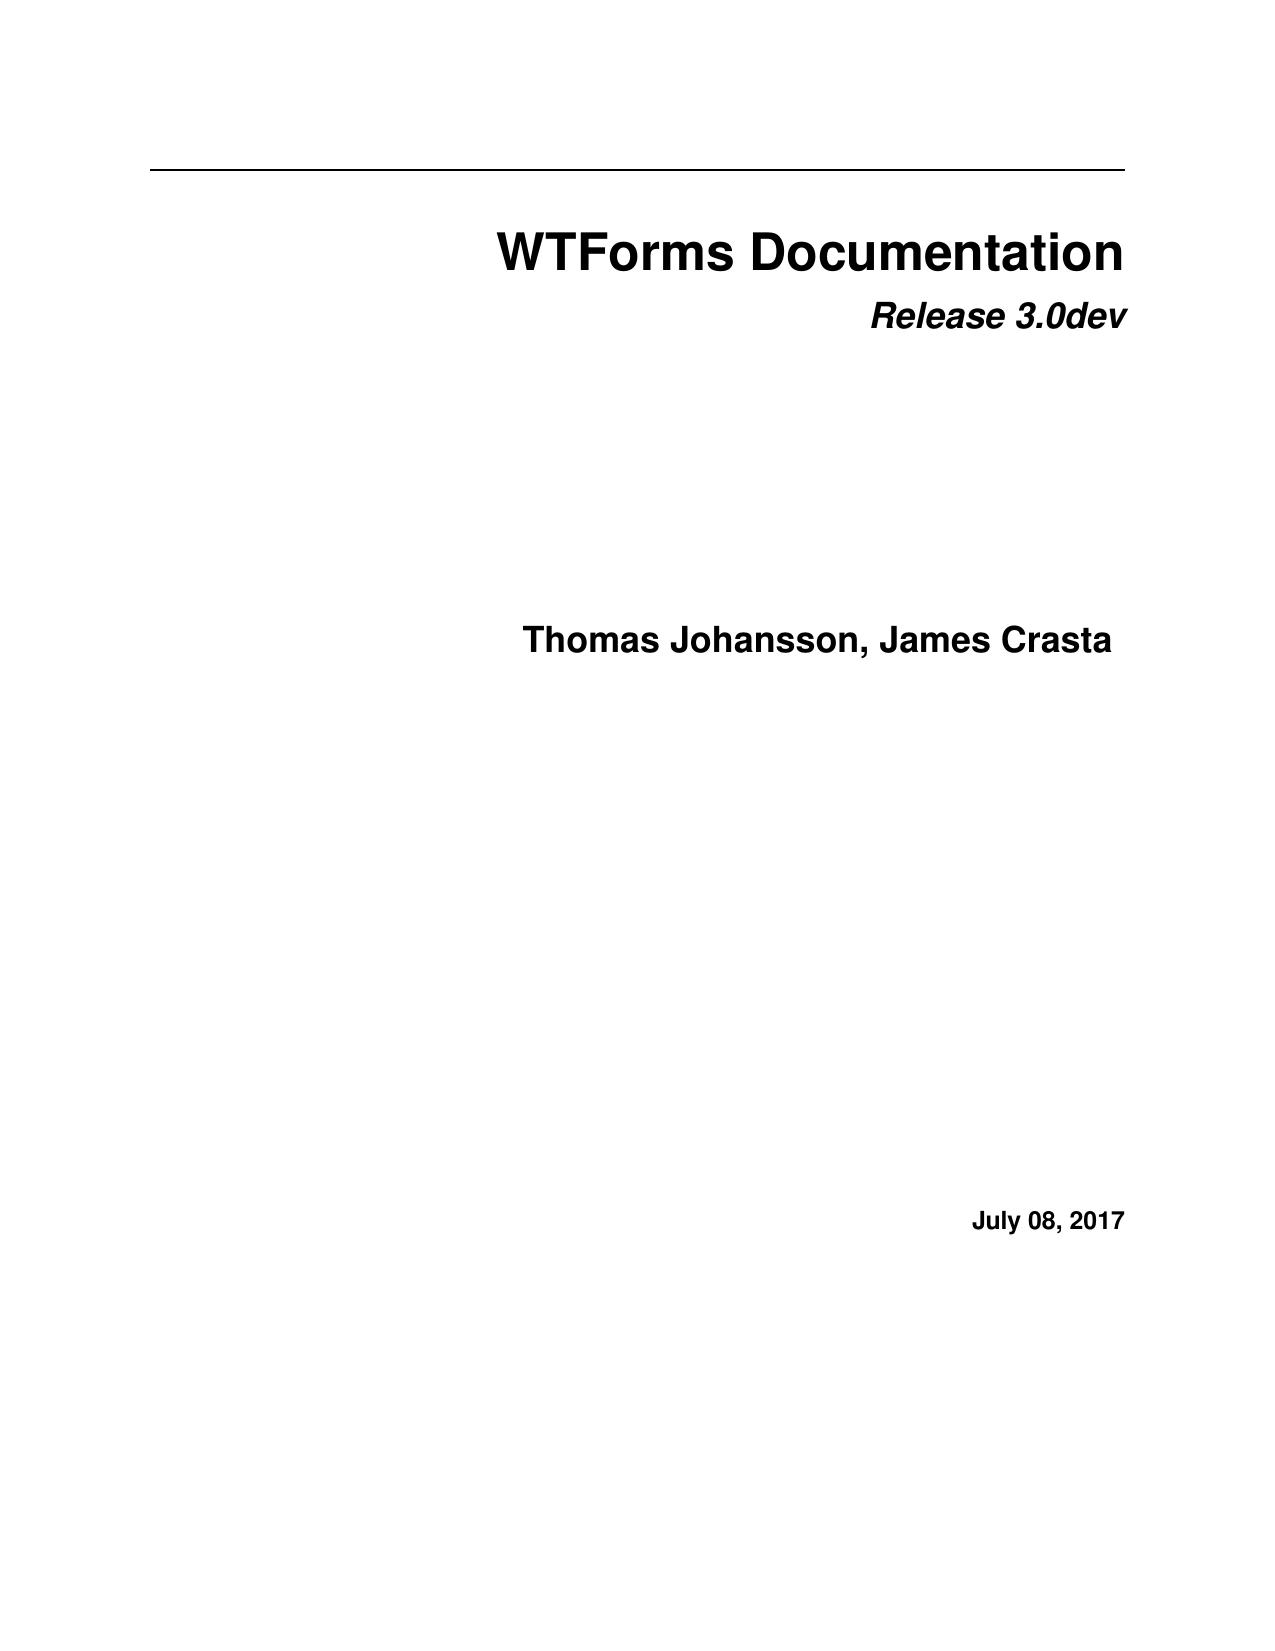 WTForms Documentation | manualzz com